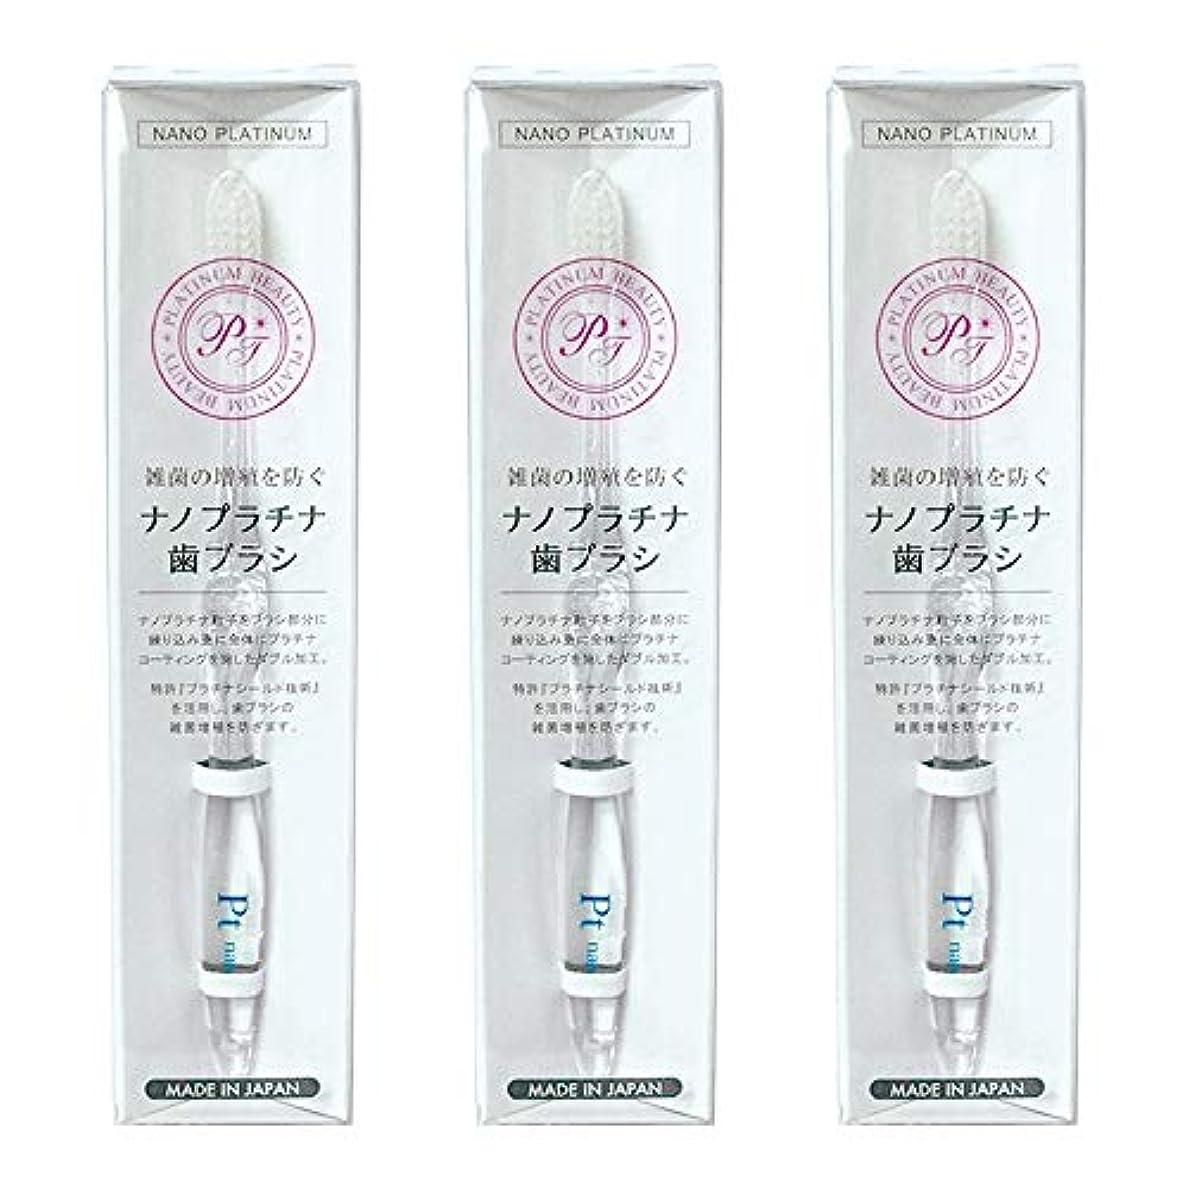 プリーツ割り当てルー歯ブラシ プラチナナノ粒子配合 日本製 3本セット(ブルー3本)